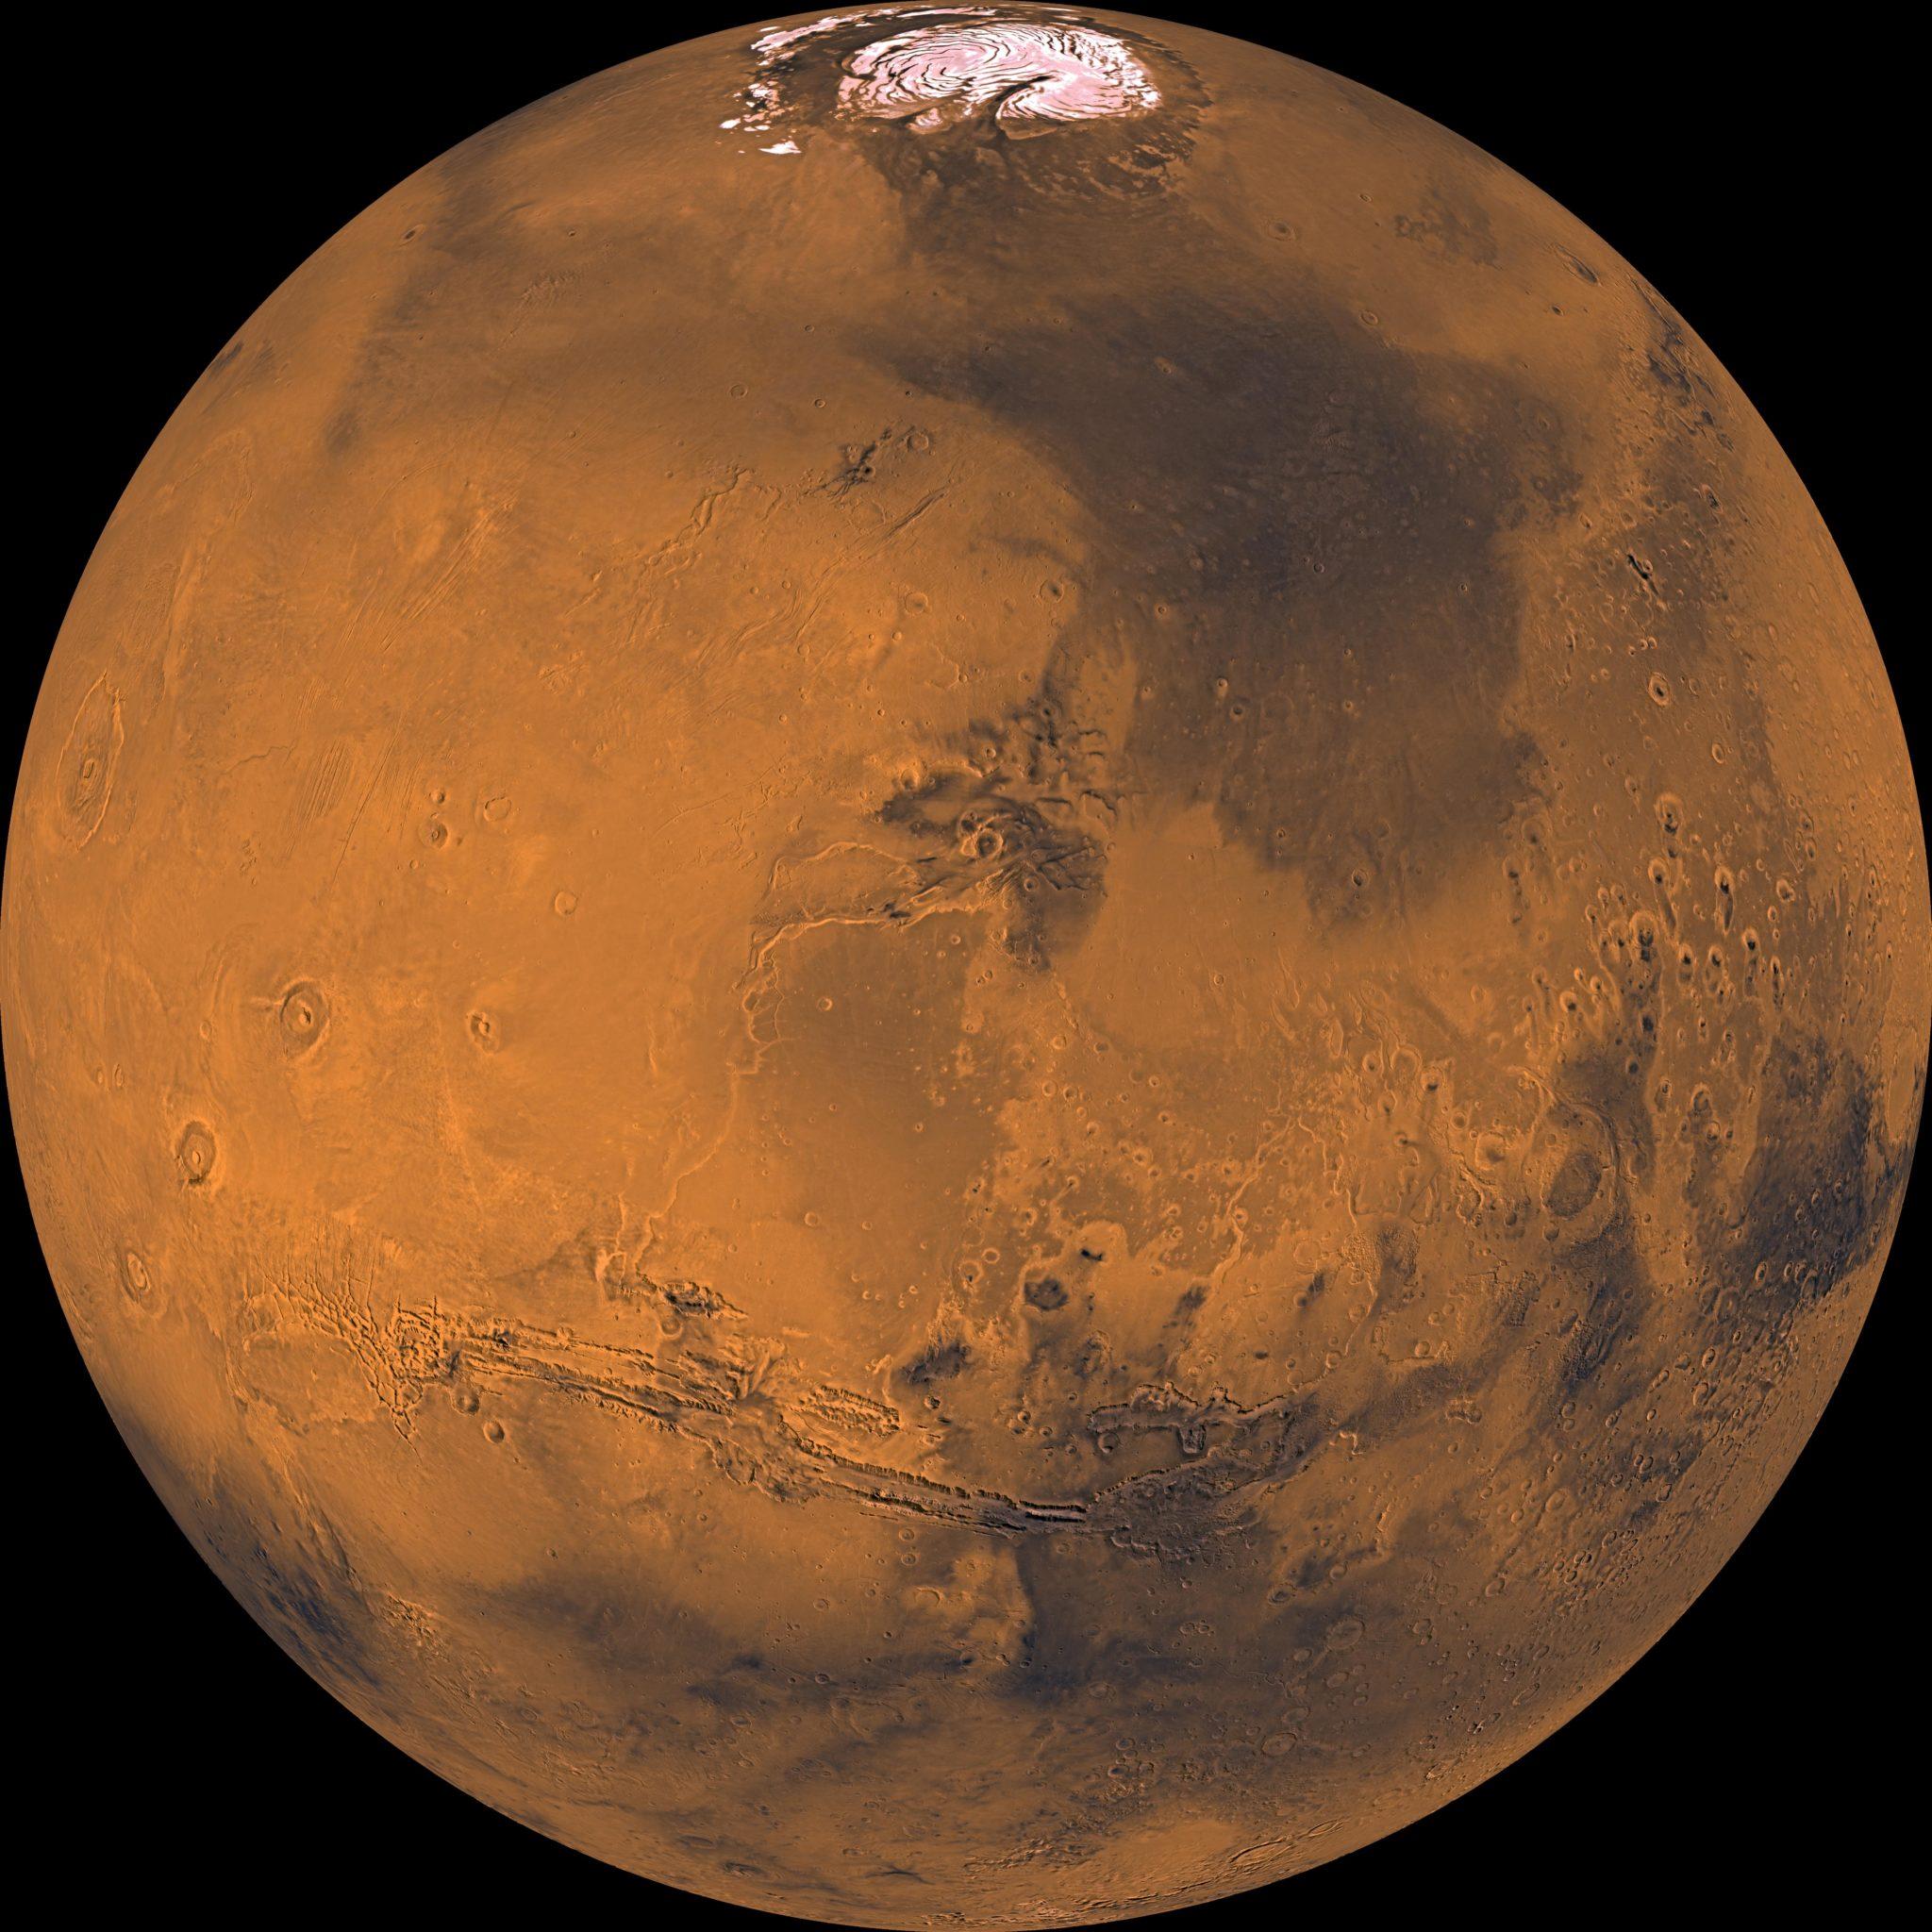 nasa mars images - HD1600×1600